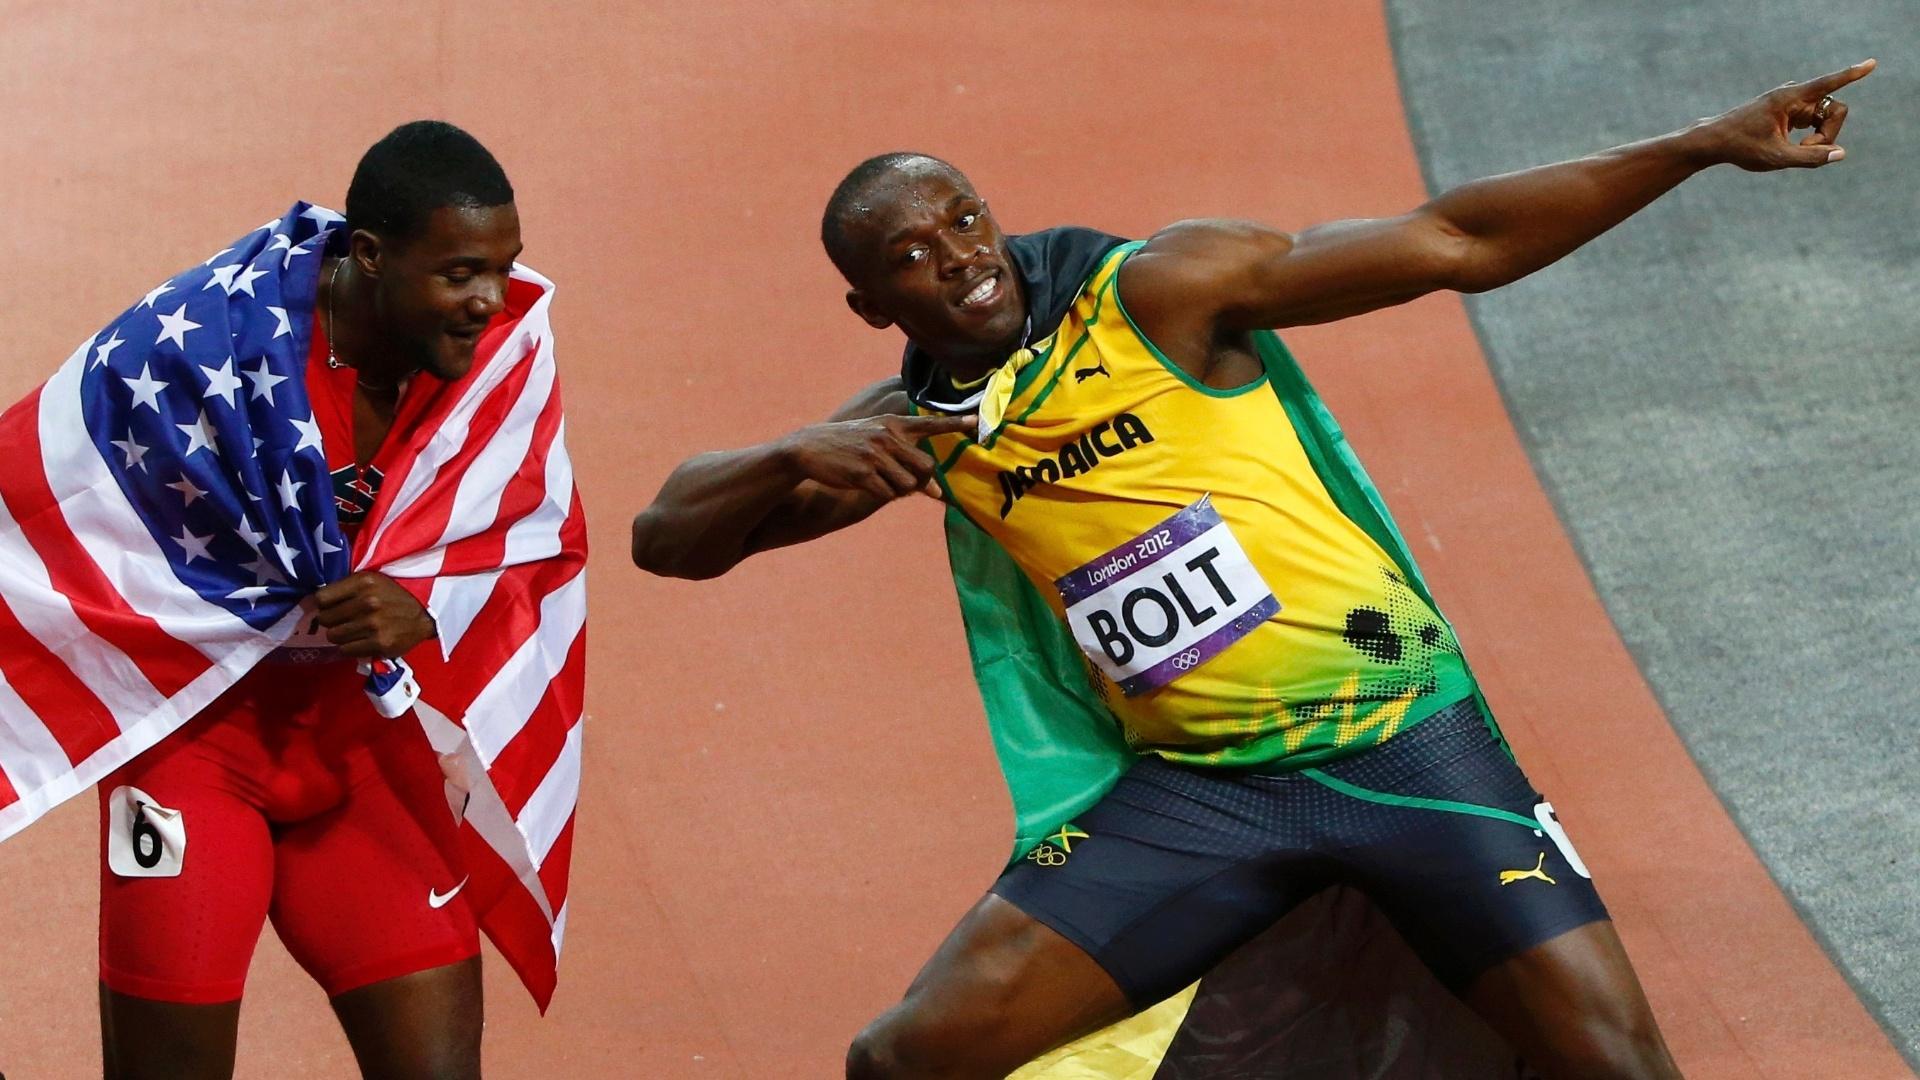 Sob olhar de Justin Gatlin, Usain Bolt faz gesto da vitória após conquistar a medalha de ouro nos 100 m rasos